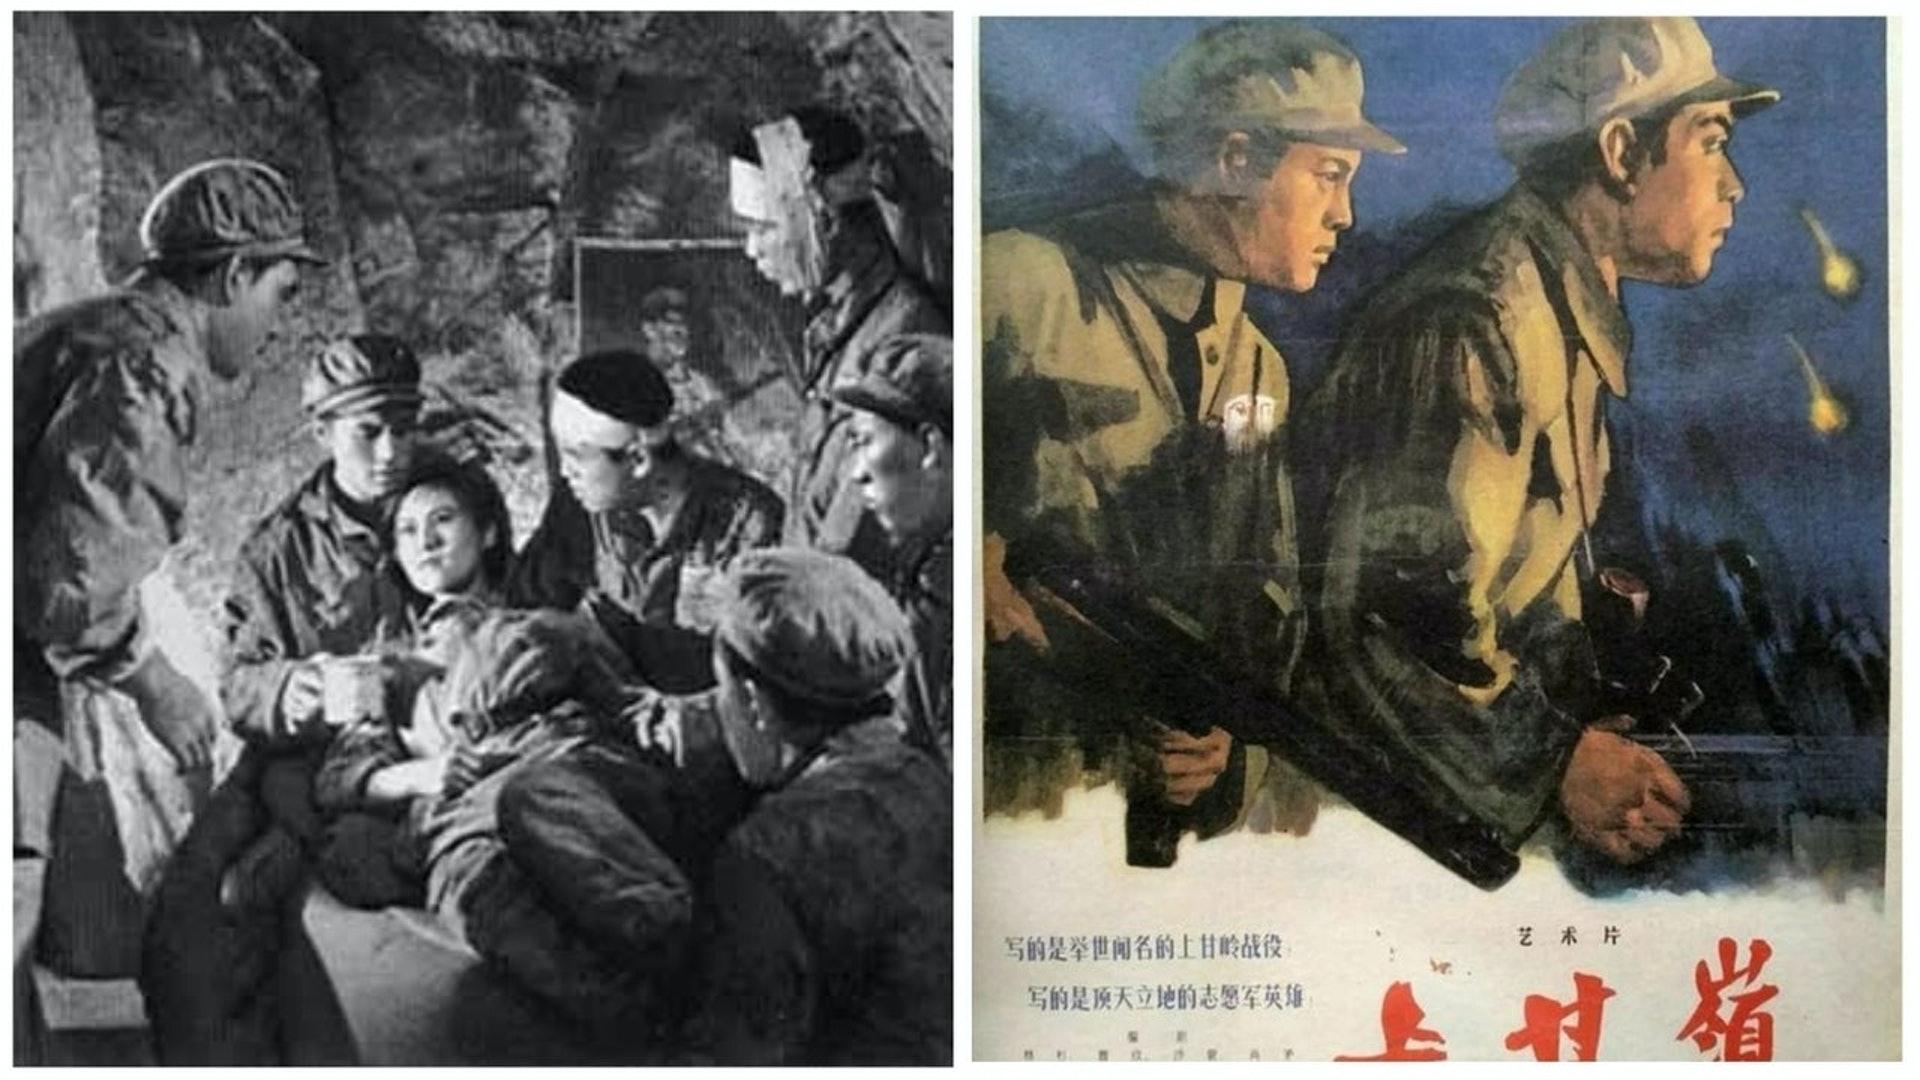 7月26日(周日)晚,中央电视台军事频道播出了抗美援朝战争题材经典电影《上甘岭》。在中美「新冷战」的大背景下,这部经典影片的复播被指意味深长。(资料图片)